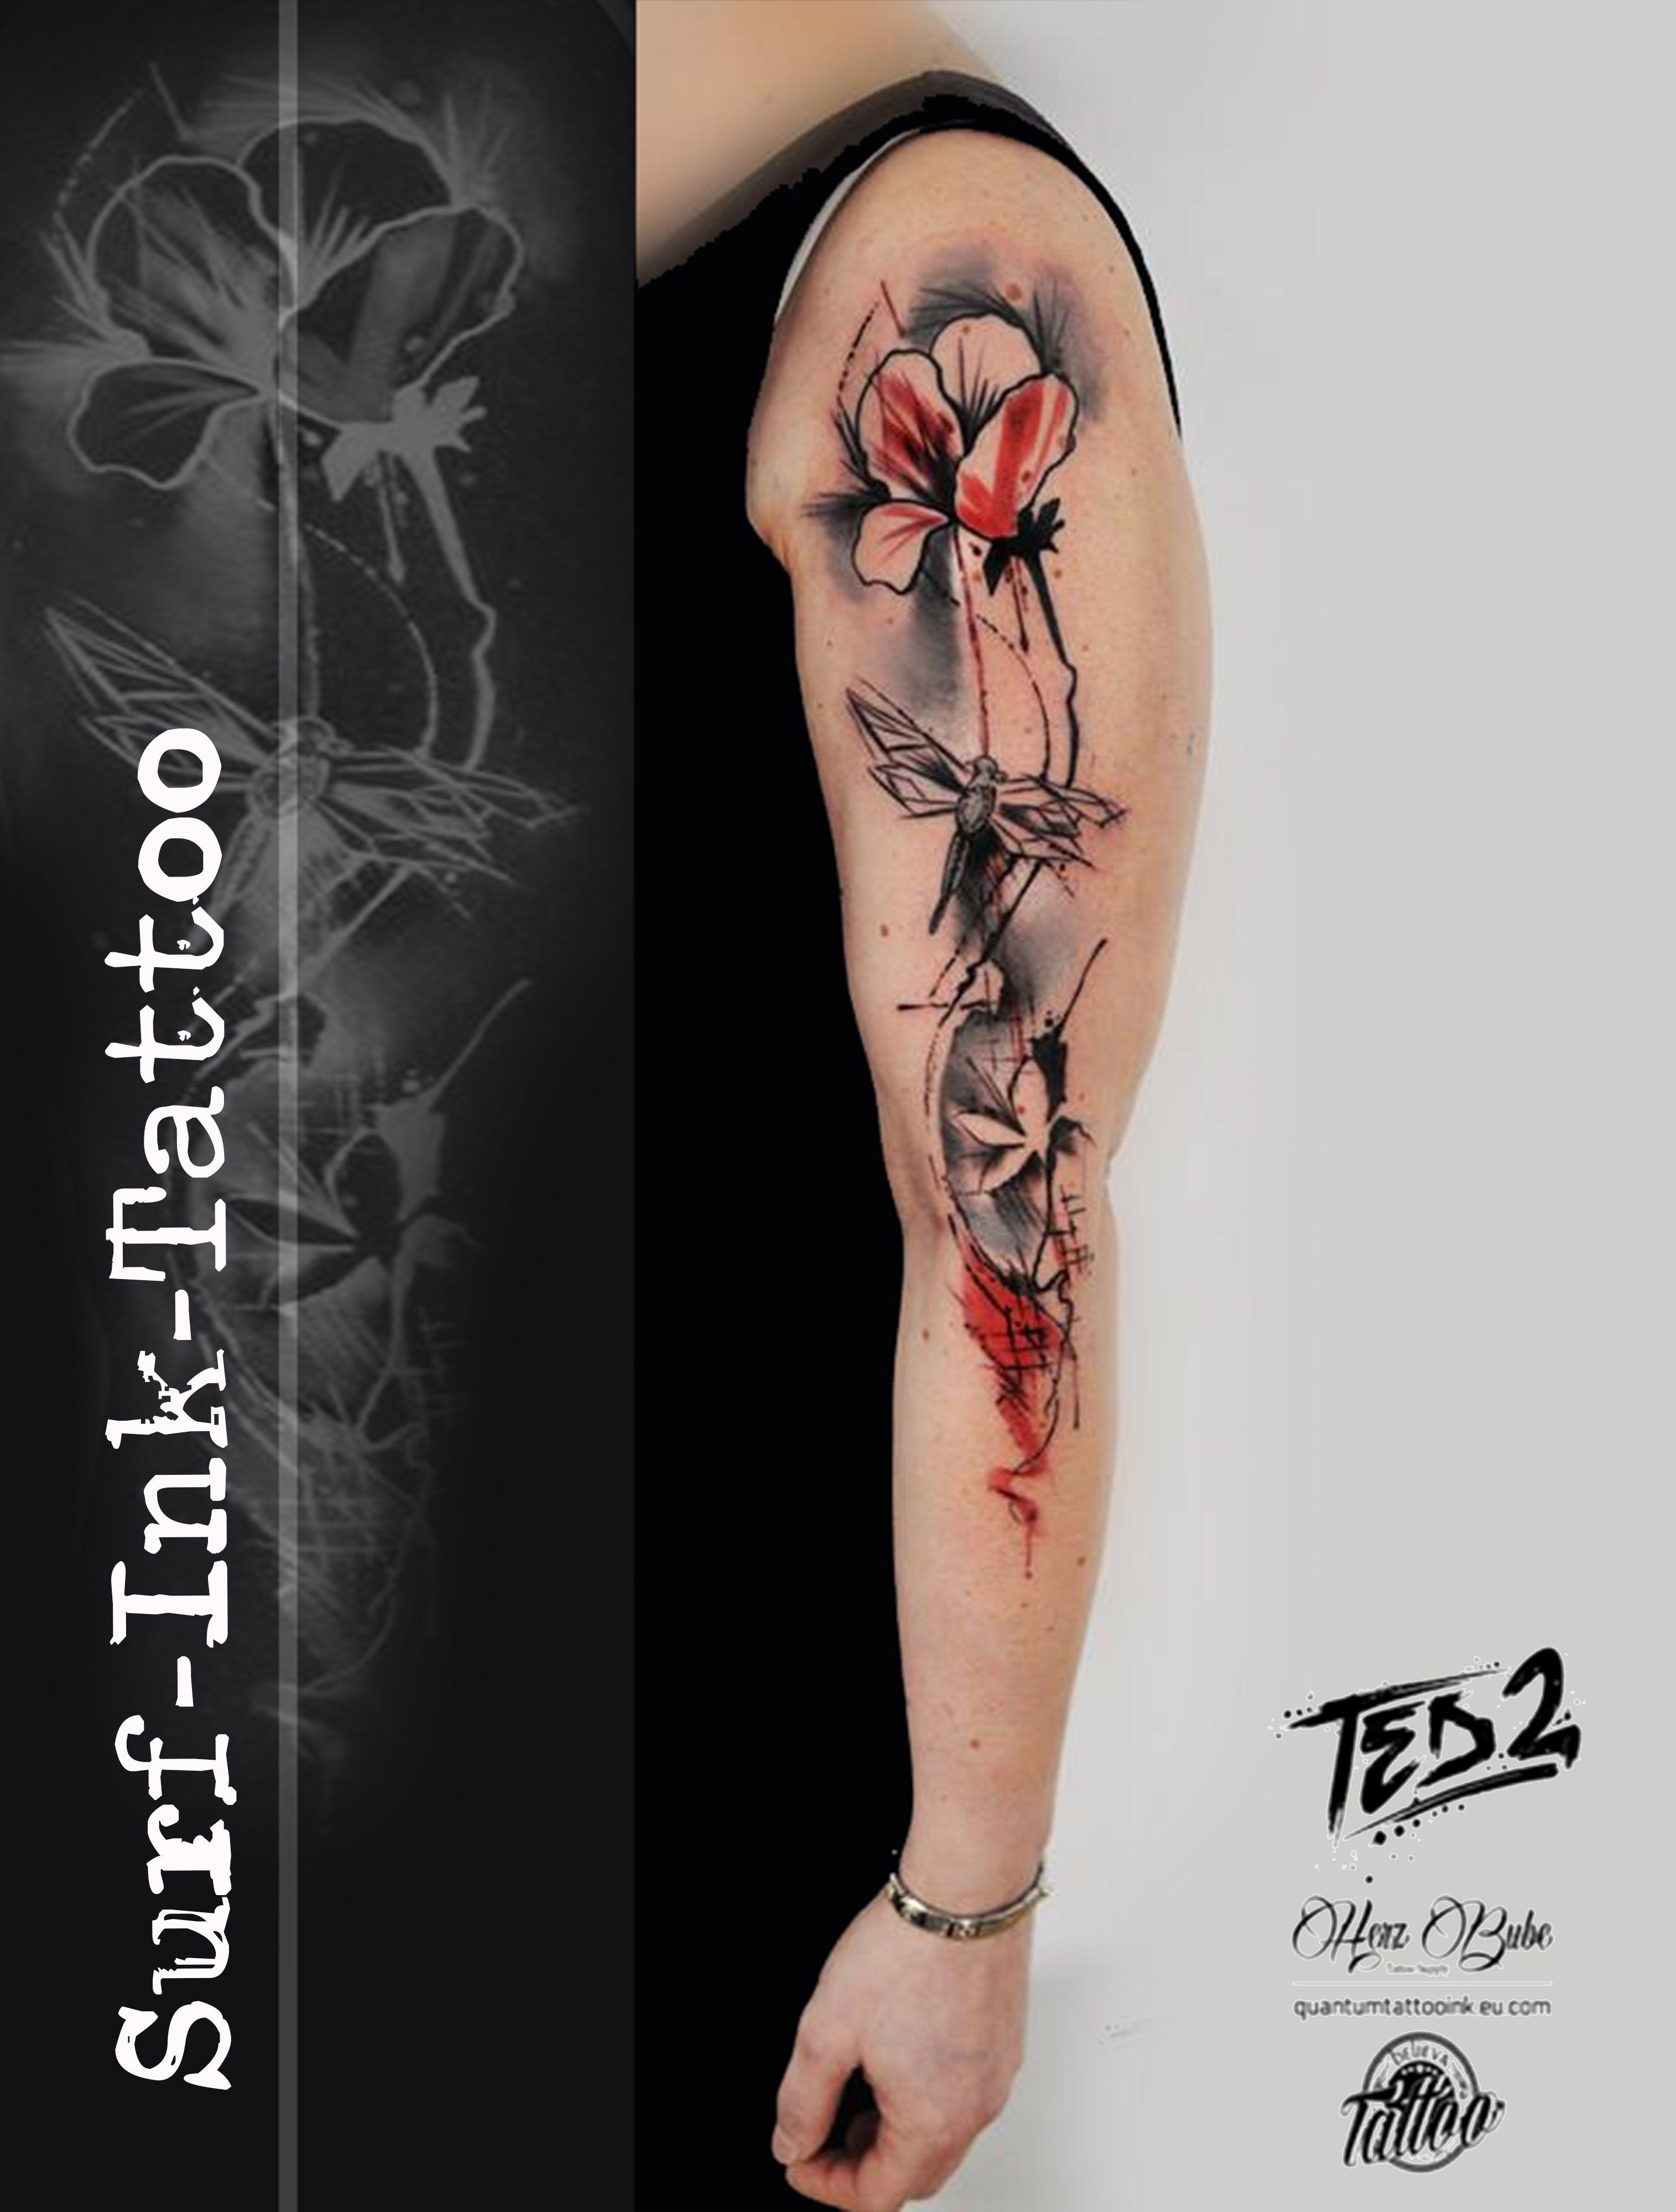 Ted2 Trash Polka Style Trash Polka Tattoo Vorlagen Trash Polka Tattoo Trash Polka